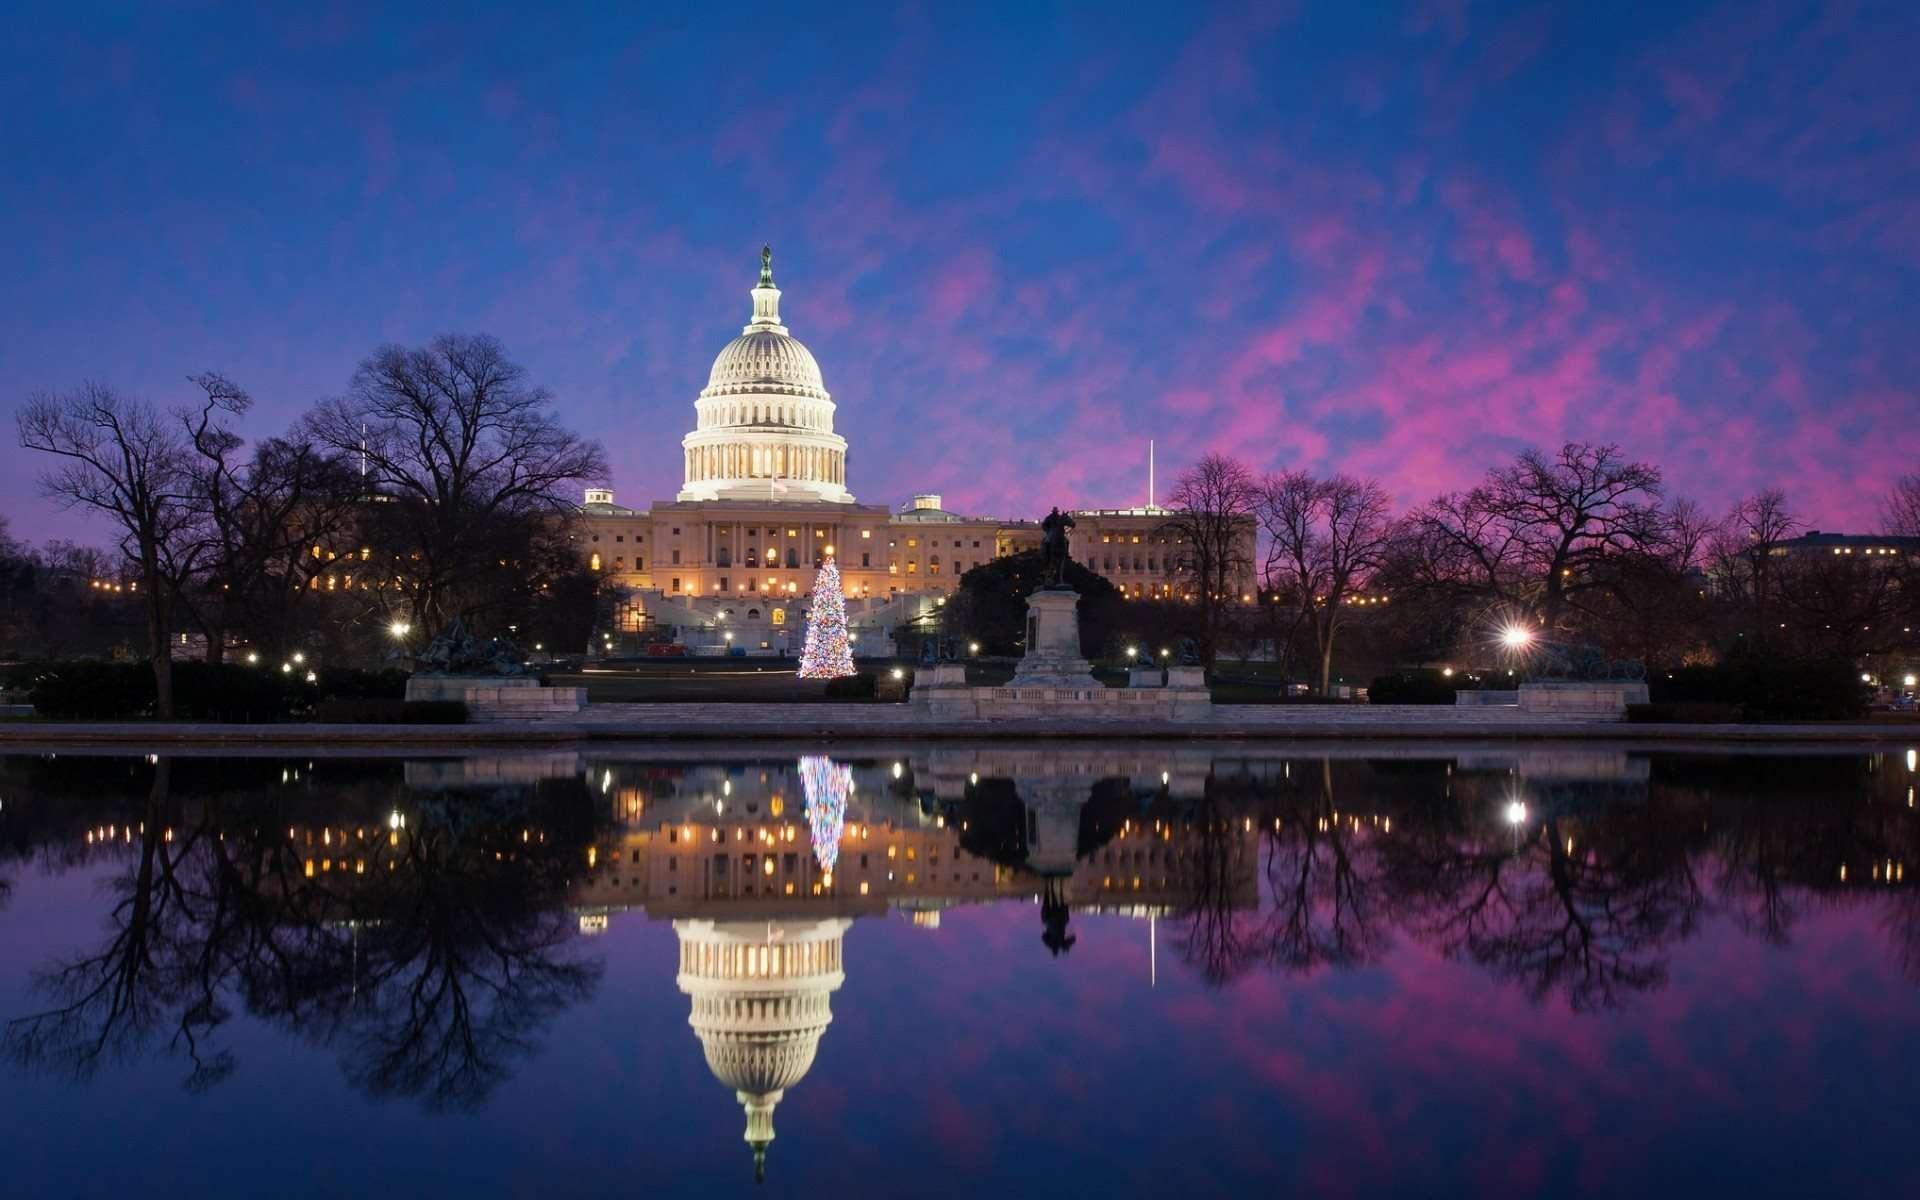 United States Congress Wallpaper 1920x1200 ID51612 1920x1200